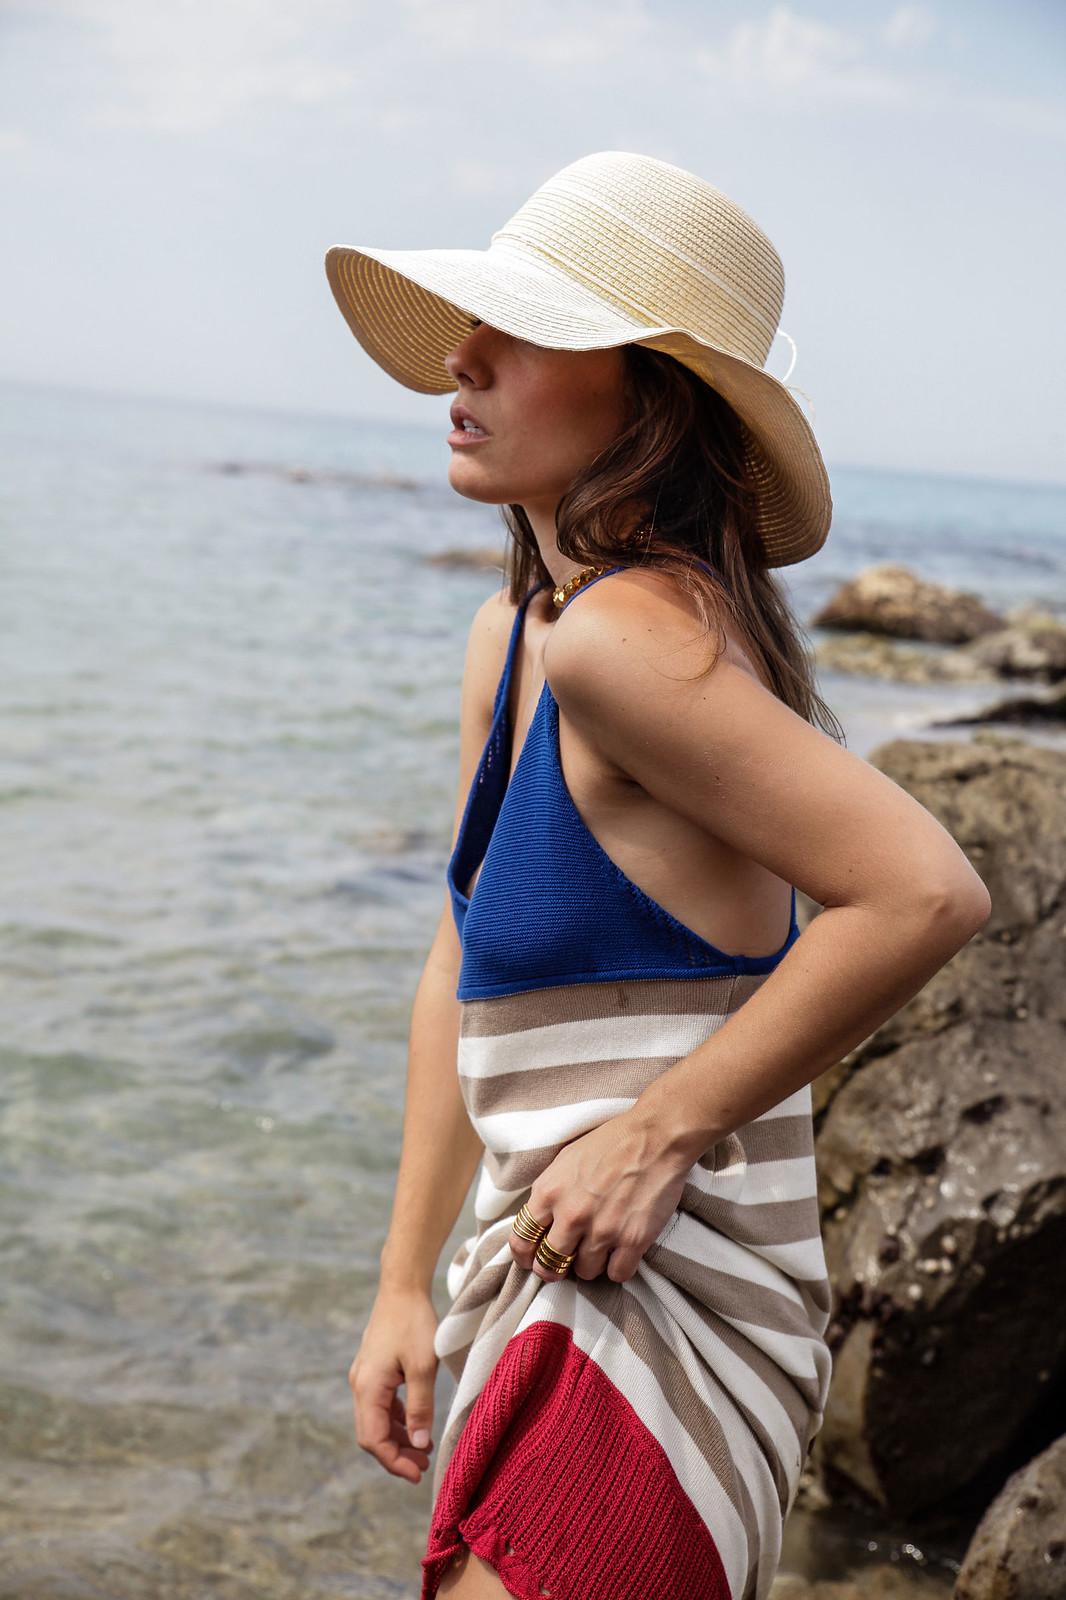 01_vestido_de_punto_rayas_rüga_coleccion_verano_the_guest_girl_ambassador_theguestgirl_barcelona_spain_cubelles_cala_secreta_sitges_influencer_moda_fashion_boho_